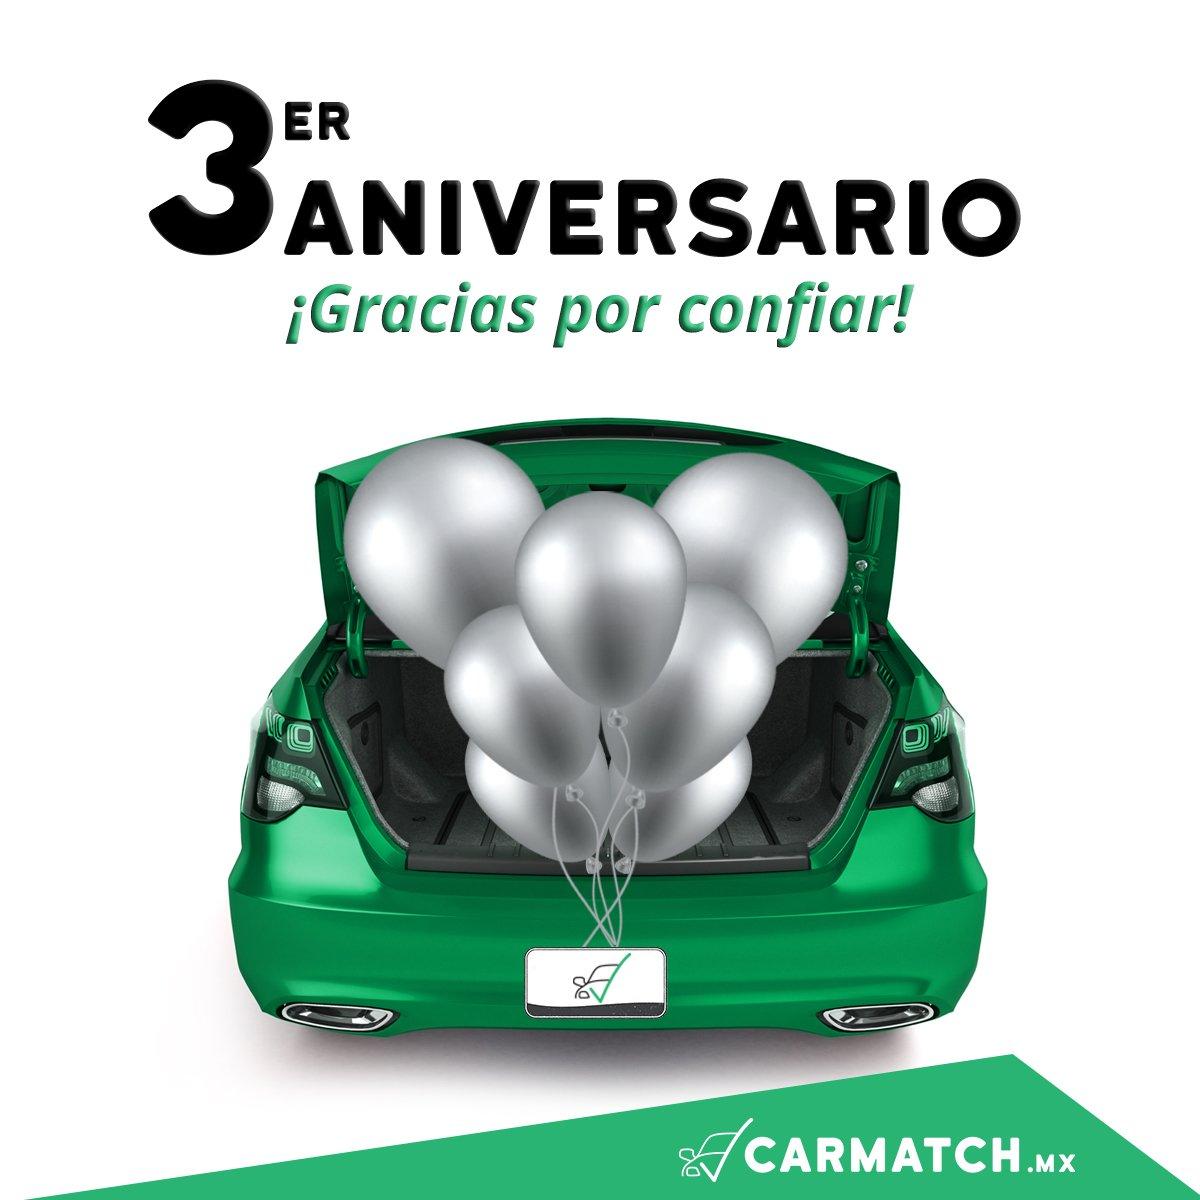 ¡Estamos de aniversario!  Carmatch México cumple 3 años ayudándote a vender tu auto de manera segura y rápida.  ¡Mil Gracias!  https://t.co/x7Tpoiwhae https://t.co/pvLNzwniB5